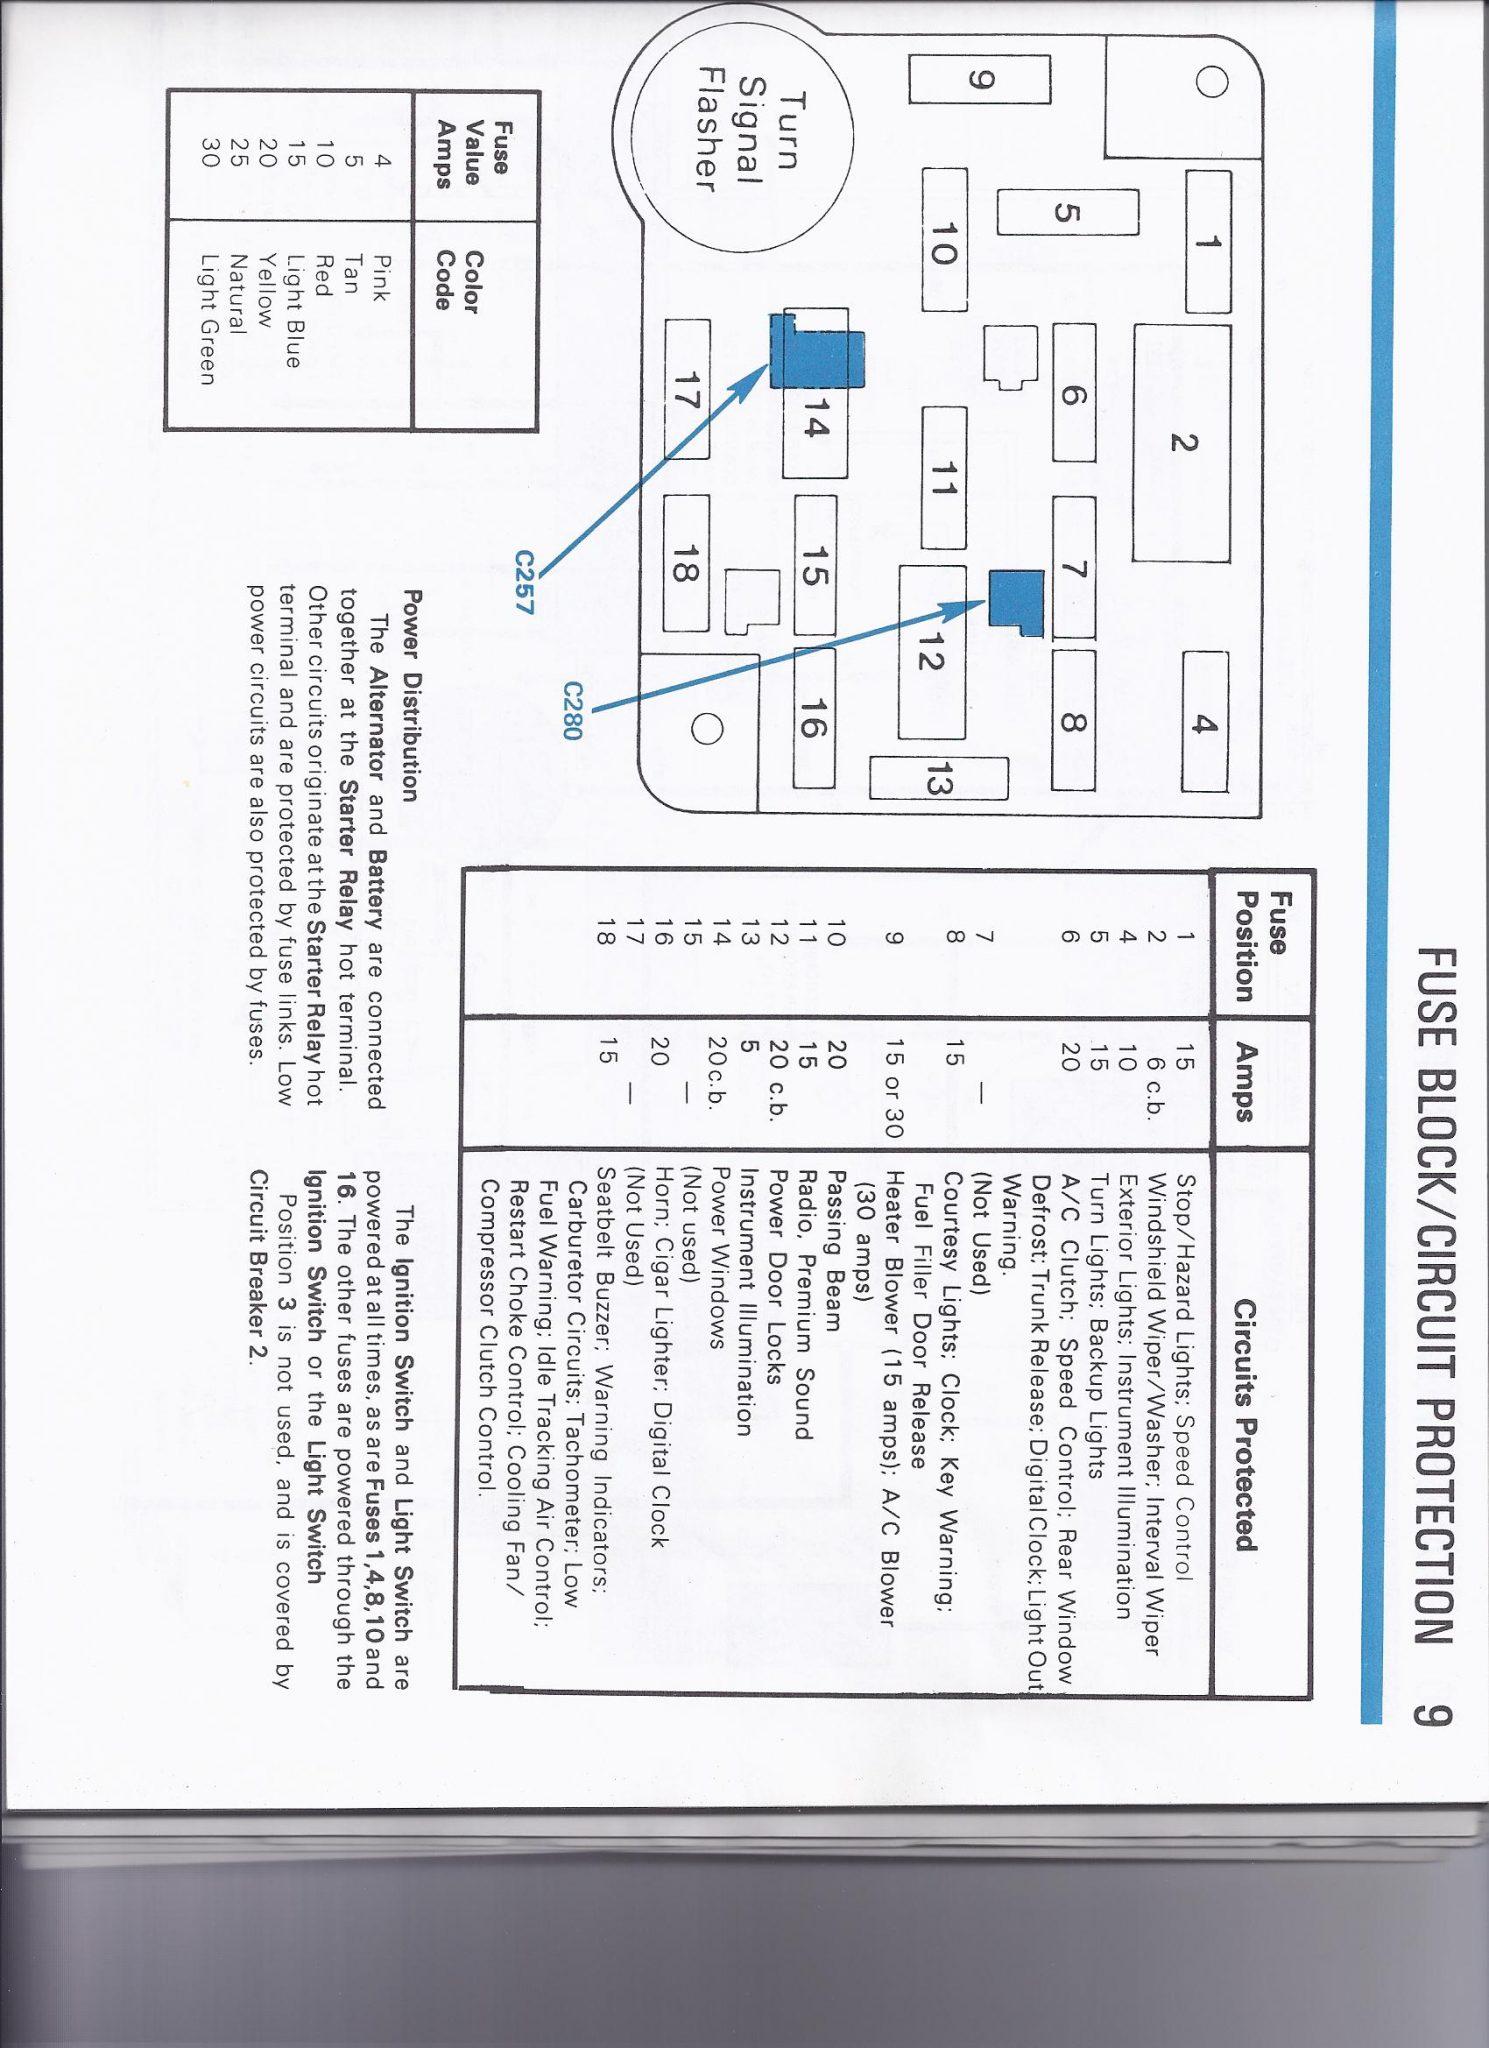 Strange Mustang Svo Wiring Diagram Basic Electronics Wiring Diagram Wiring Cloud Animomajobocepmohammedshrineorg